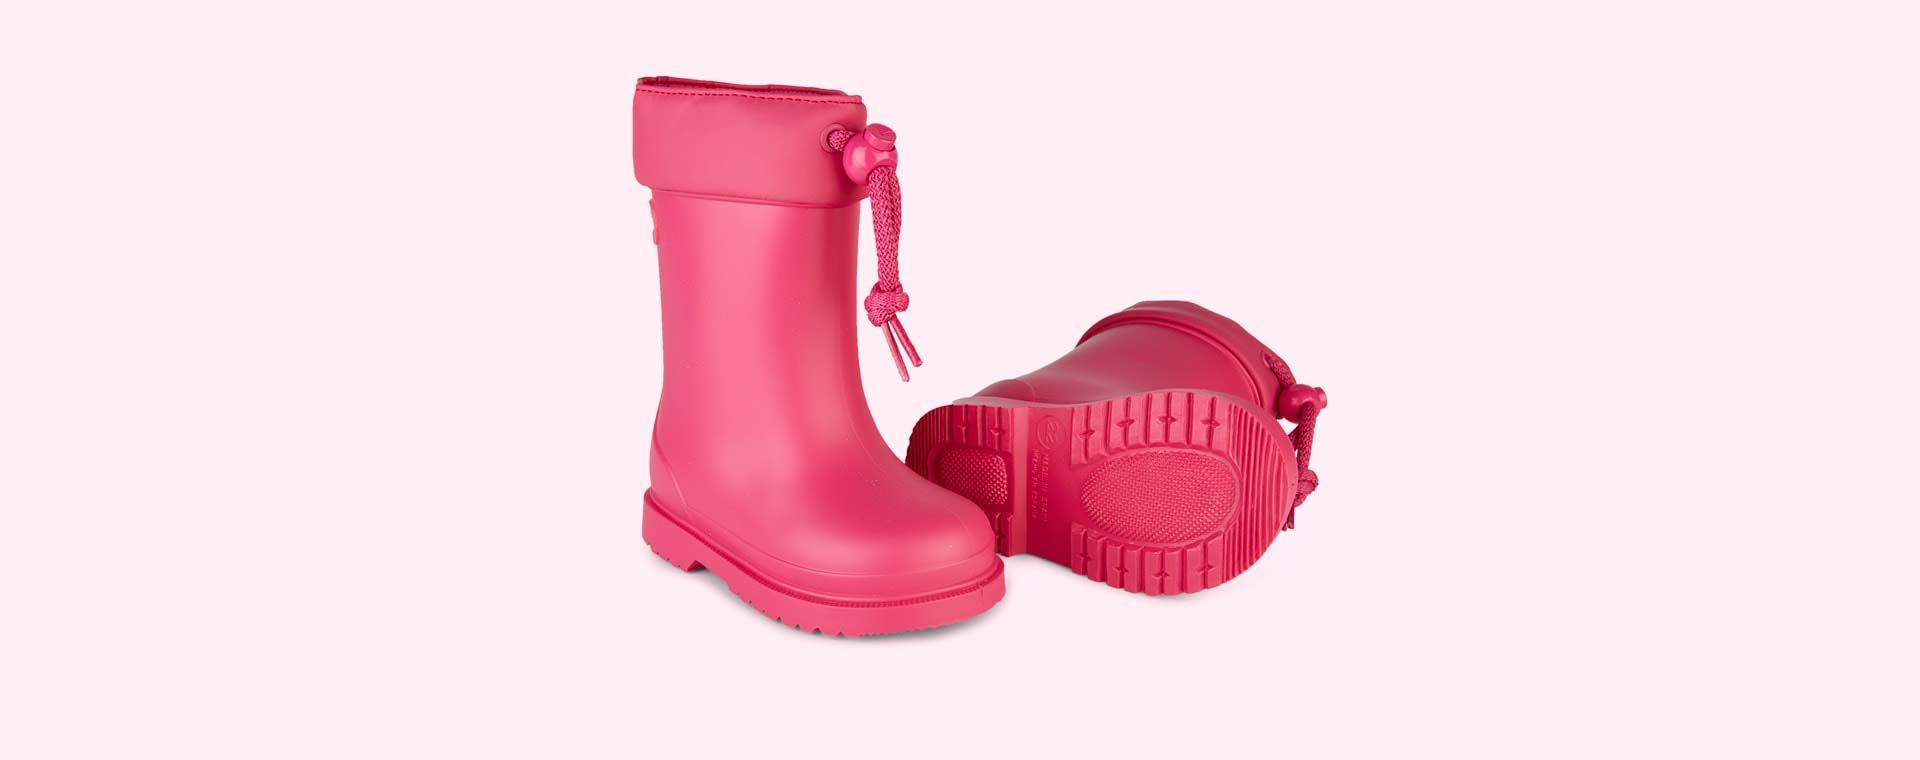 Fucshia igor Chufo Cuello Welly Boot